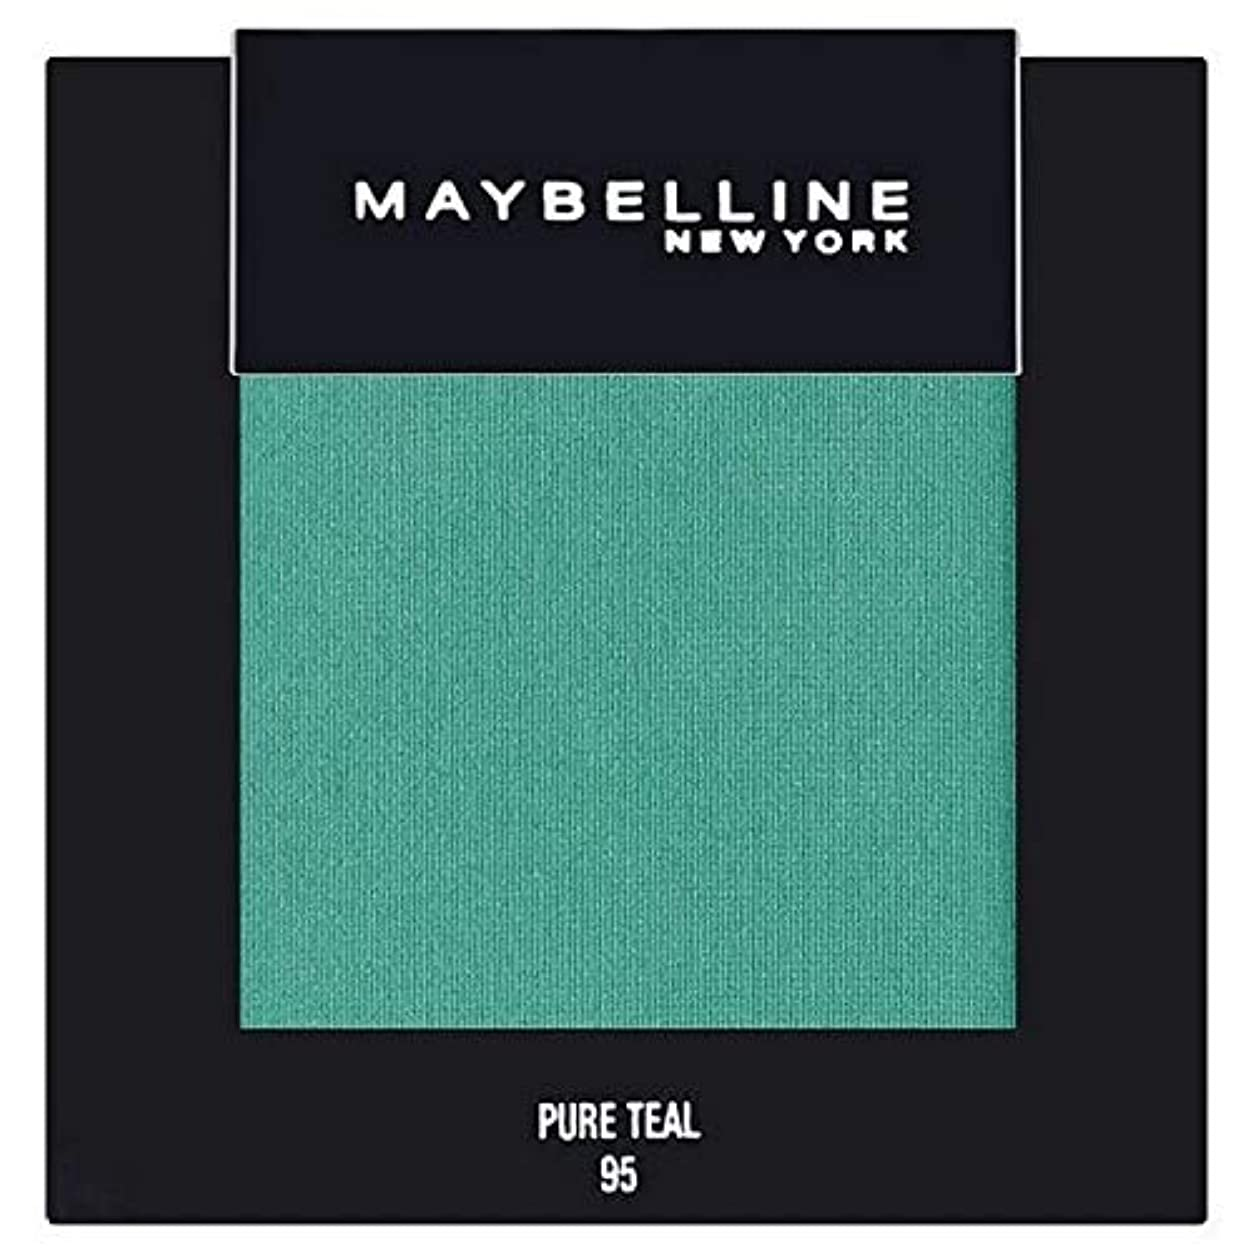 僕のぴかぴか偽善者[Maybelline ] メイベリンカラーショー単一グリーンアイシャドウ95純粋ティール - Maybelline Color Show Single Green Eyeshadow 95 Pure Teal [並行輸入品]